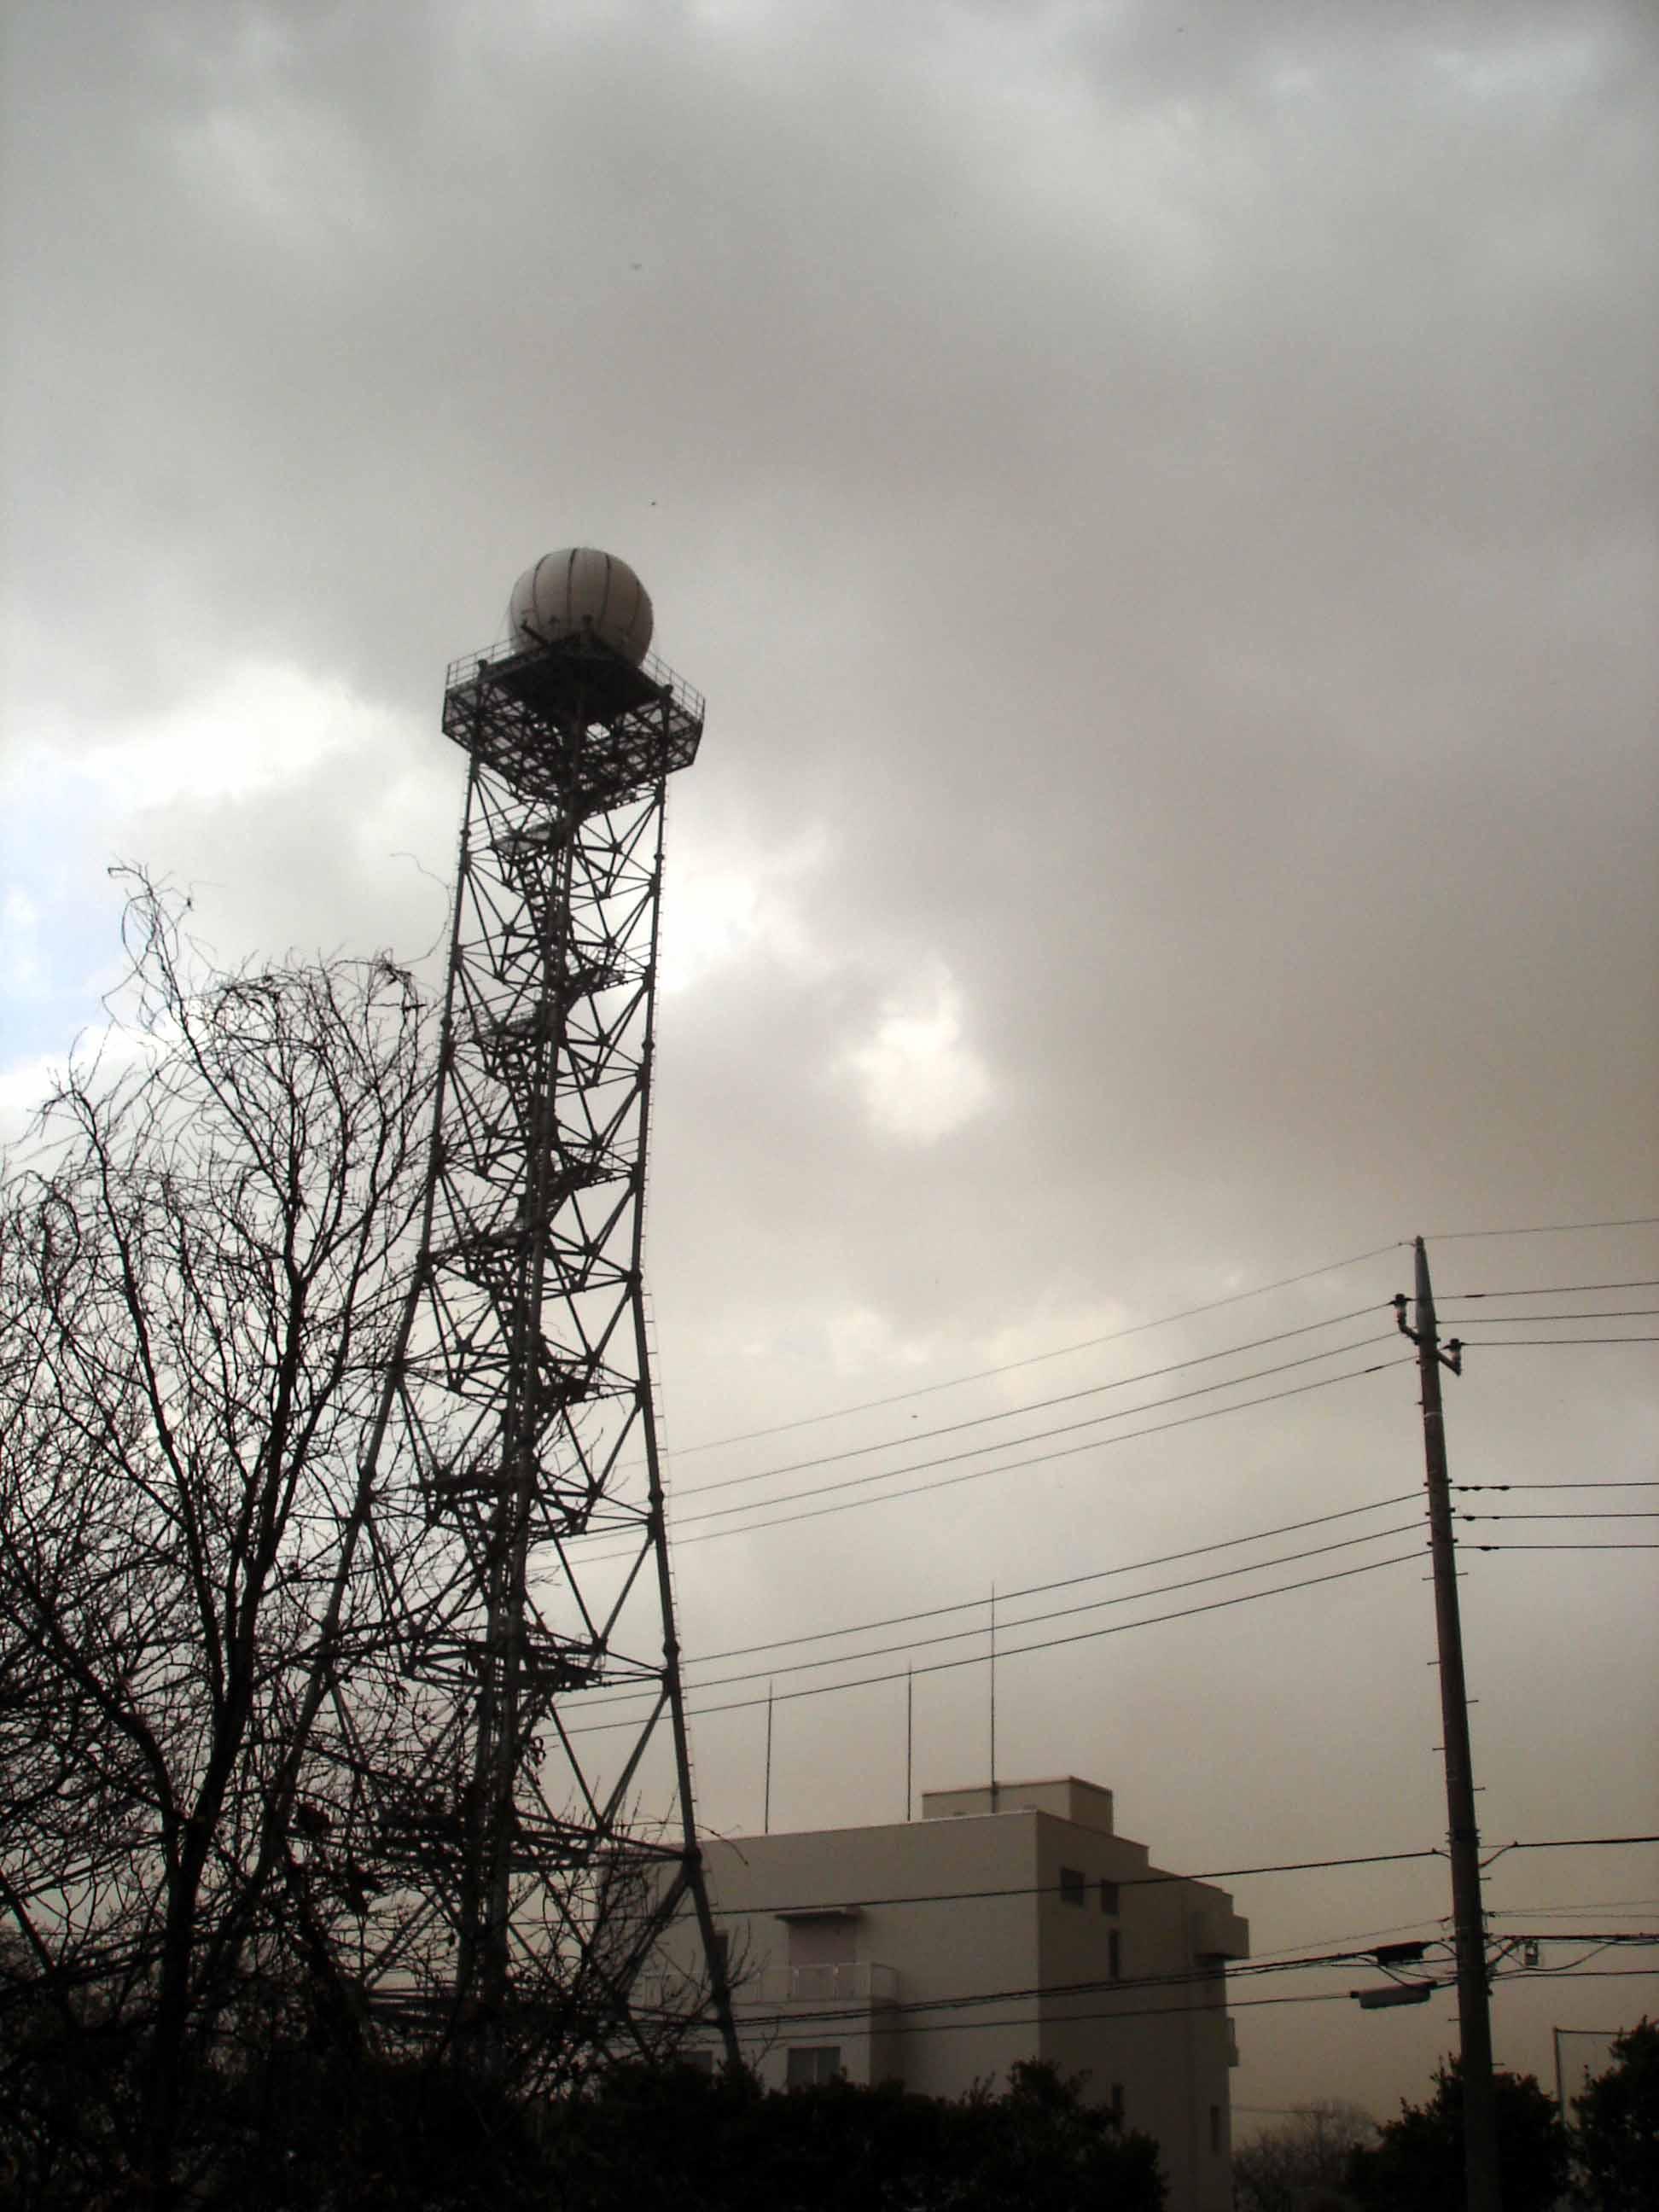 Dsc00248 旋風の通過⑰ 強風で唸る鉄塔